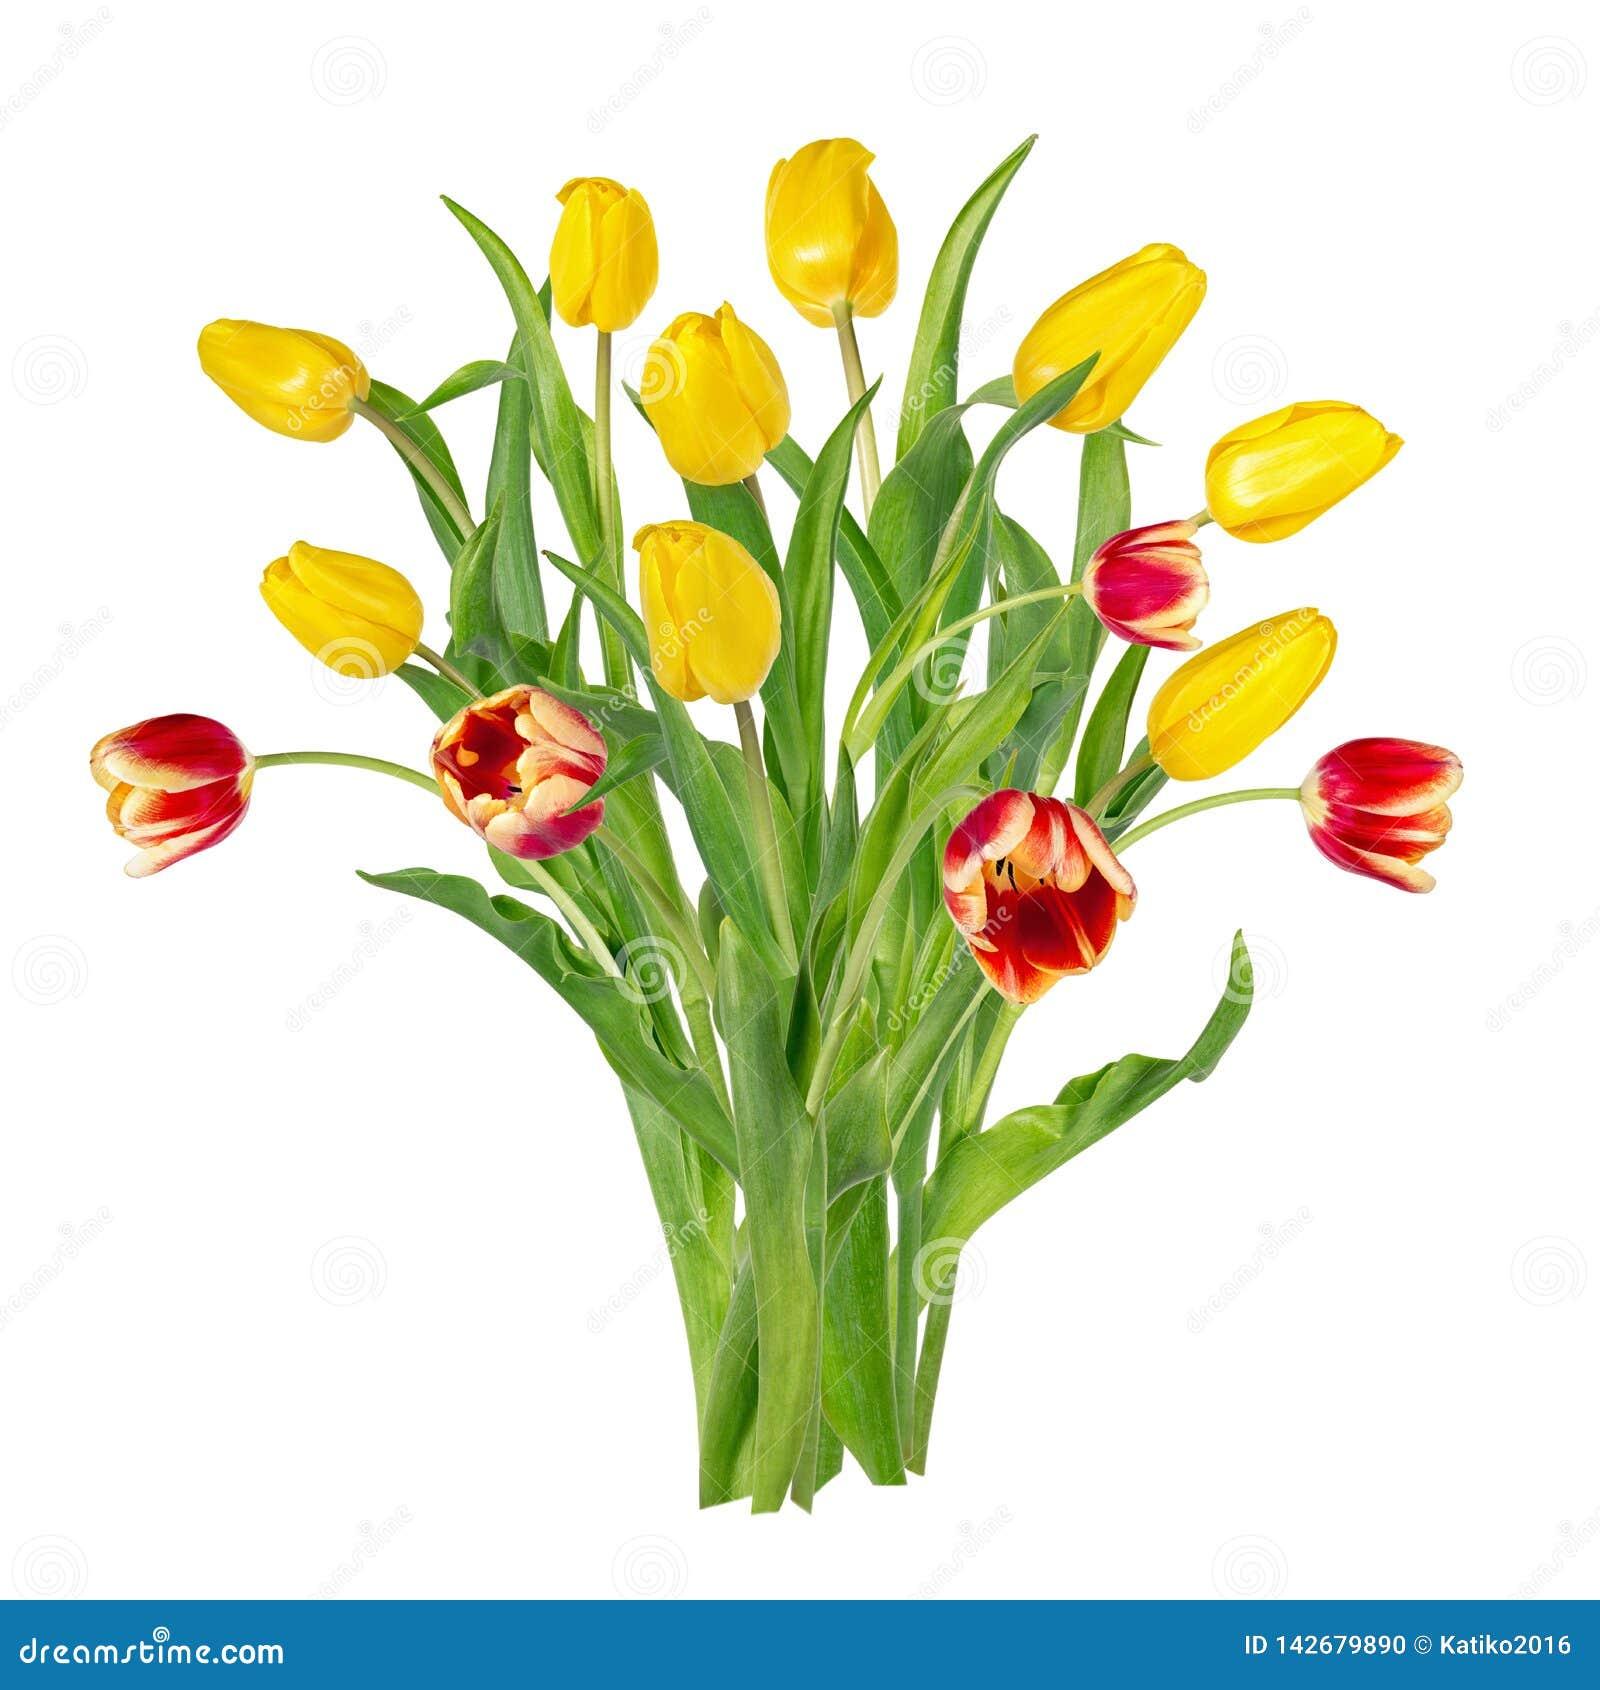 Sch?ne klare gelbe und rote Tulpen auf langen St?mmen mit gr?nen Bl?ttern in einem B?ndel Blumenstrau? der Fr?hlingsblumen